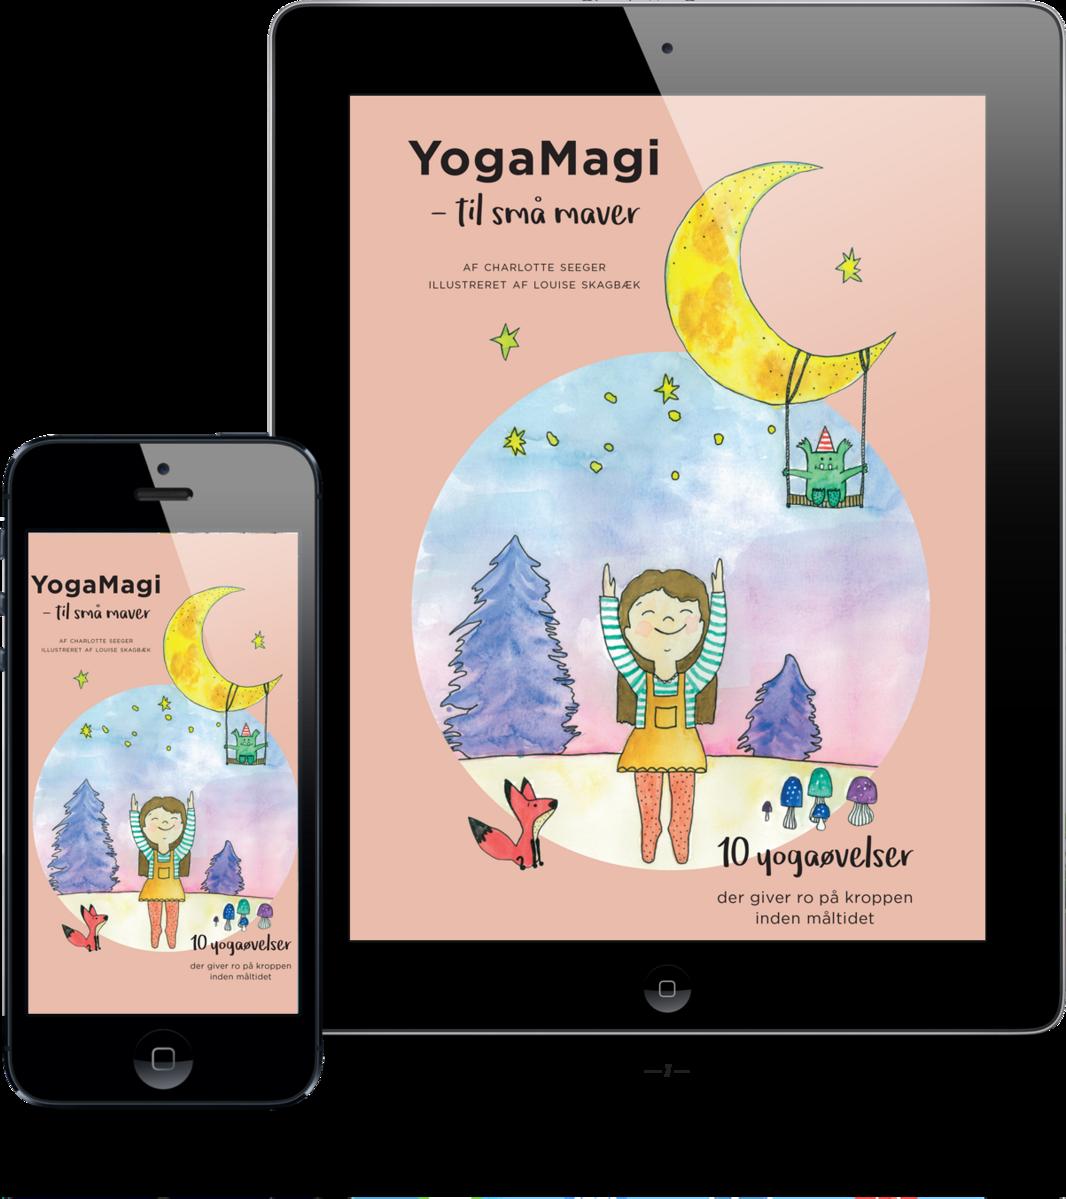 Yogamagi til produktside